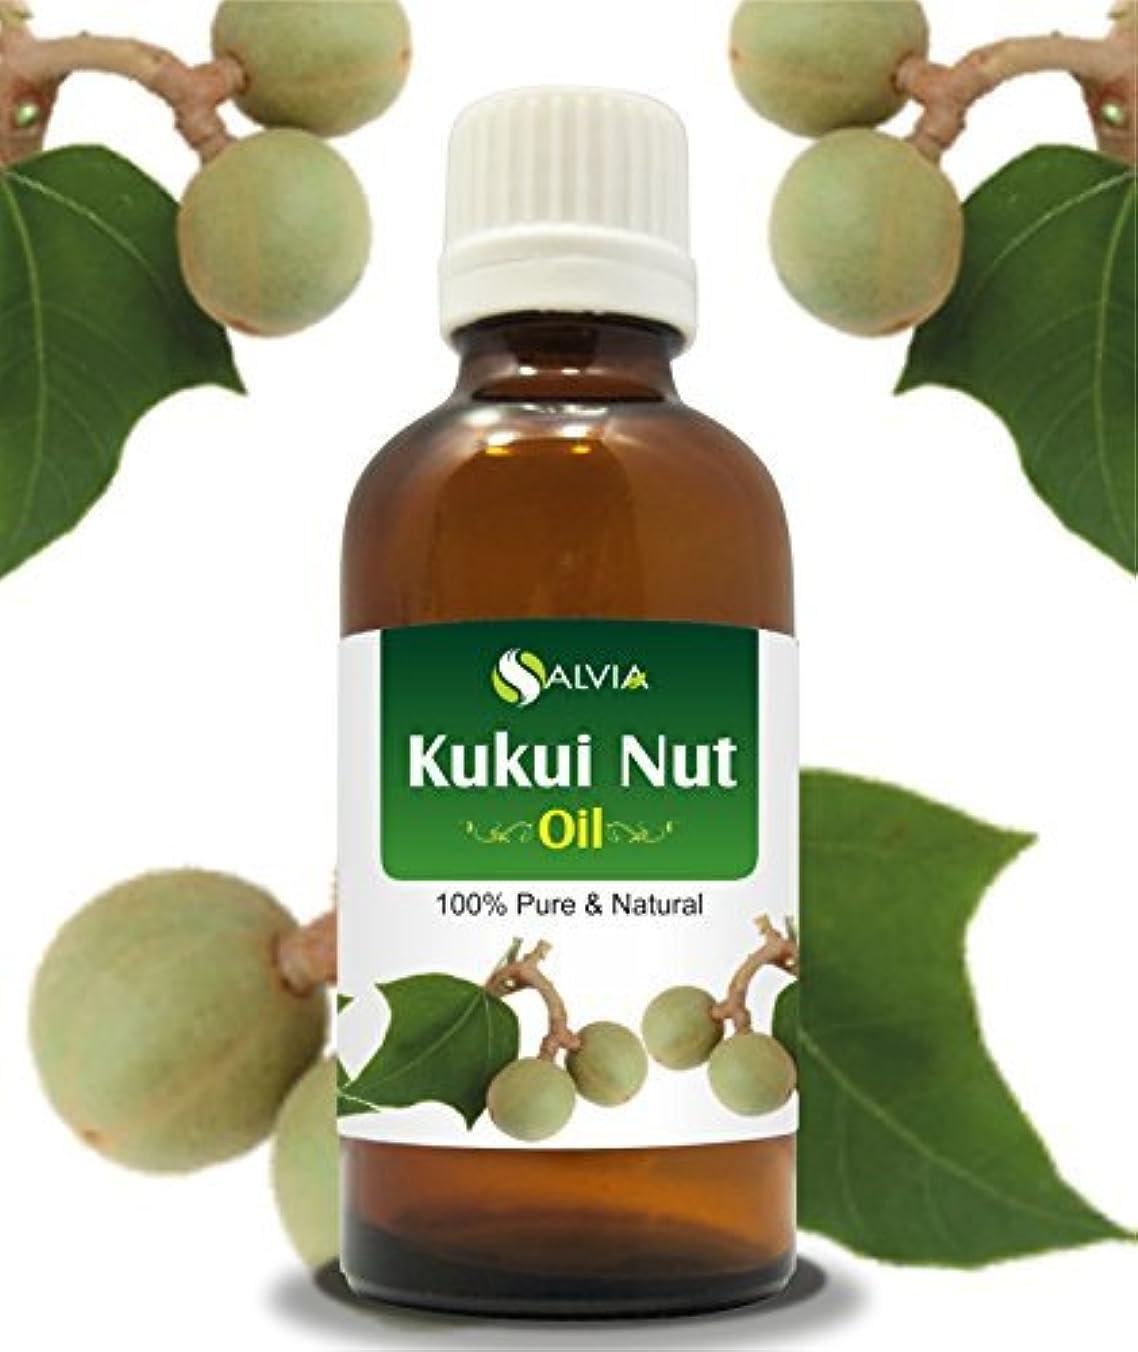 引退する交換可能絶滅したKUKUI NUT OIL 100% NATURAL PURE UNDILUTED UNCUT CARRIER OILS 15ml by SALVIA